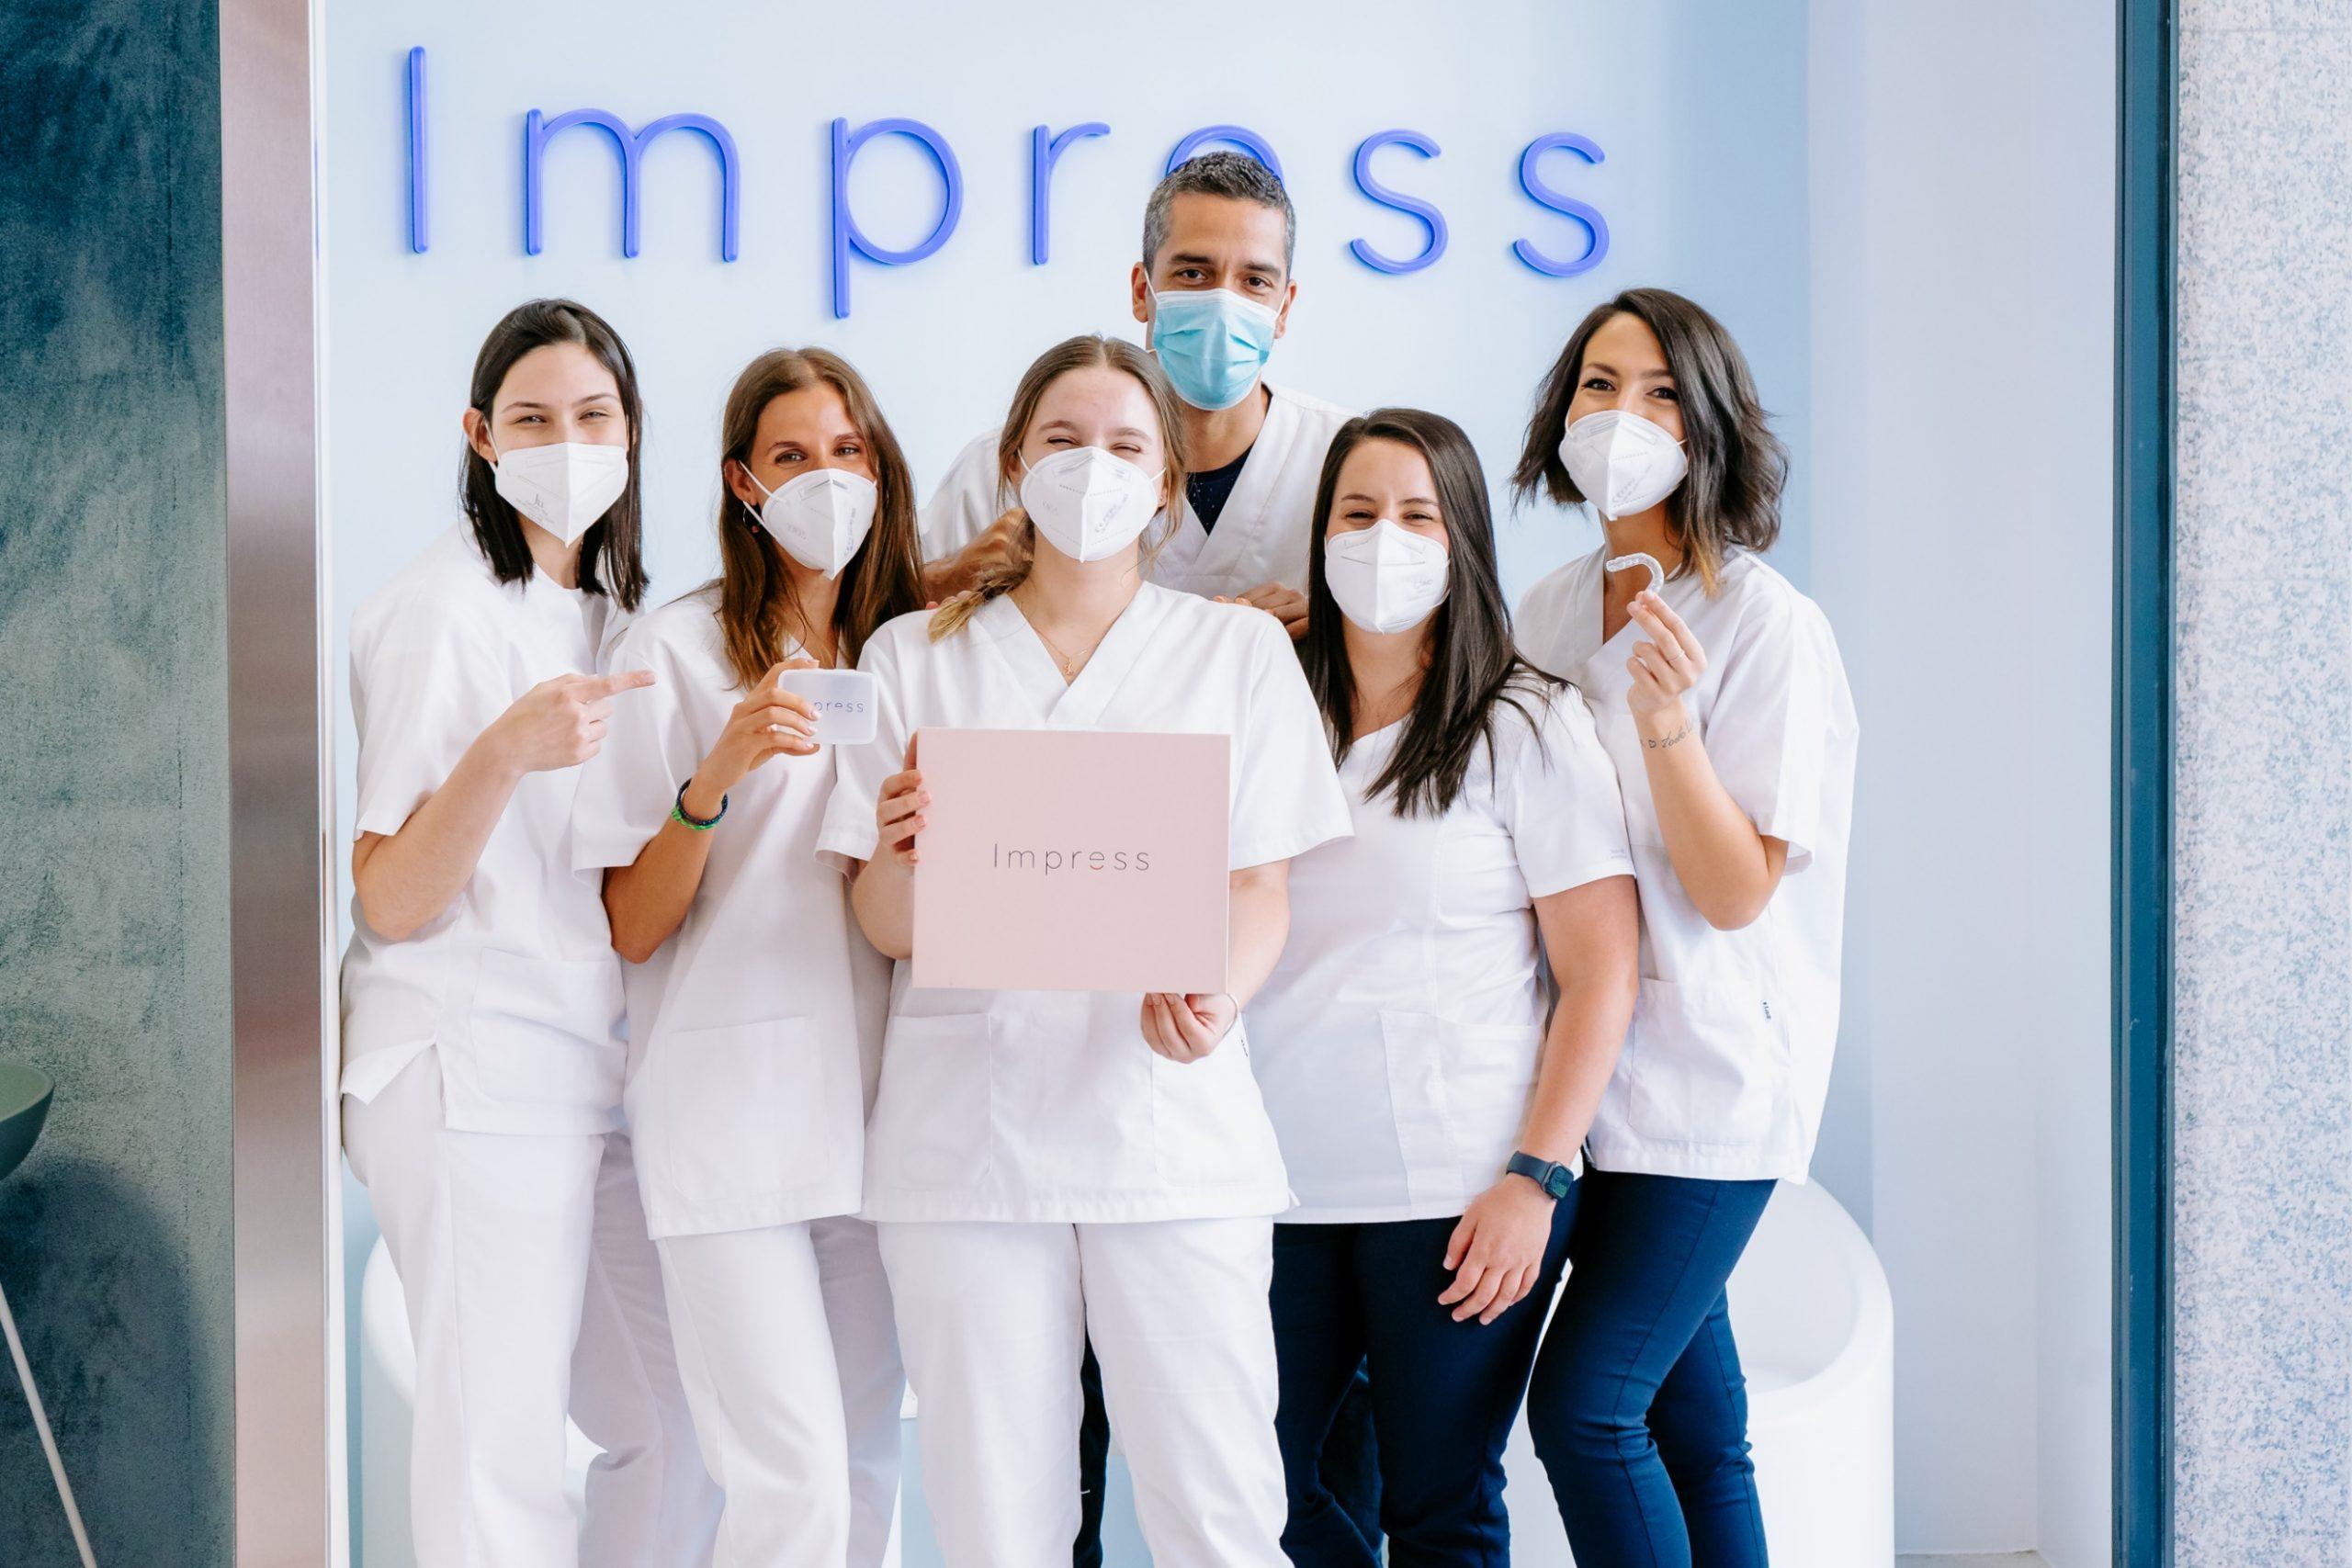 Impress cierra una ronda de financiación de 5 millones de euros con el objetivo de seguir revolucionando la ortodoncia invisible